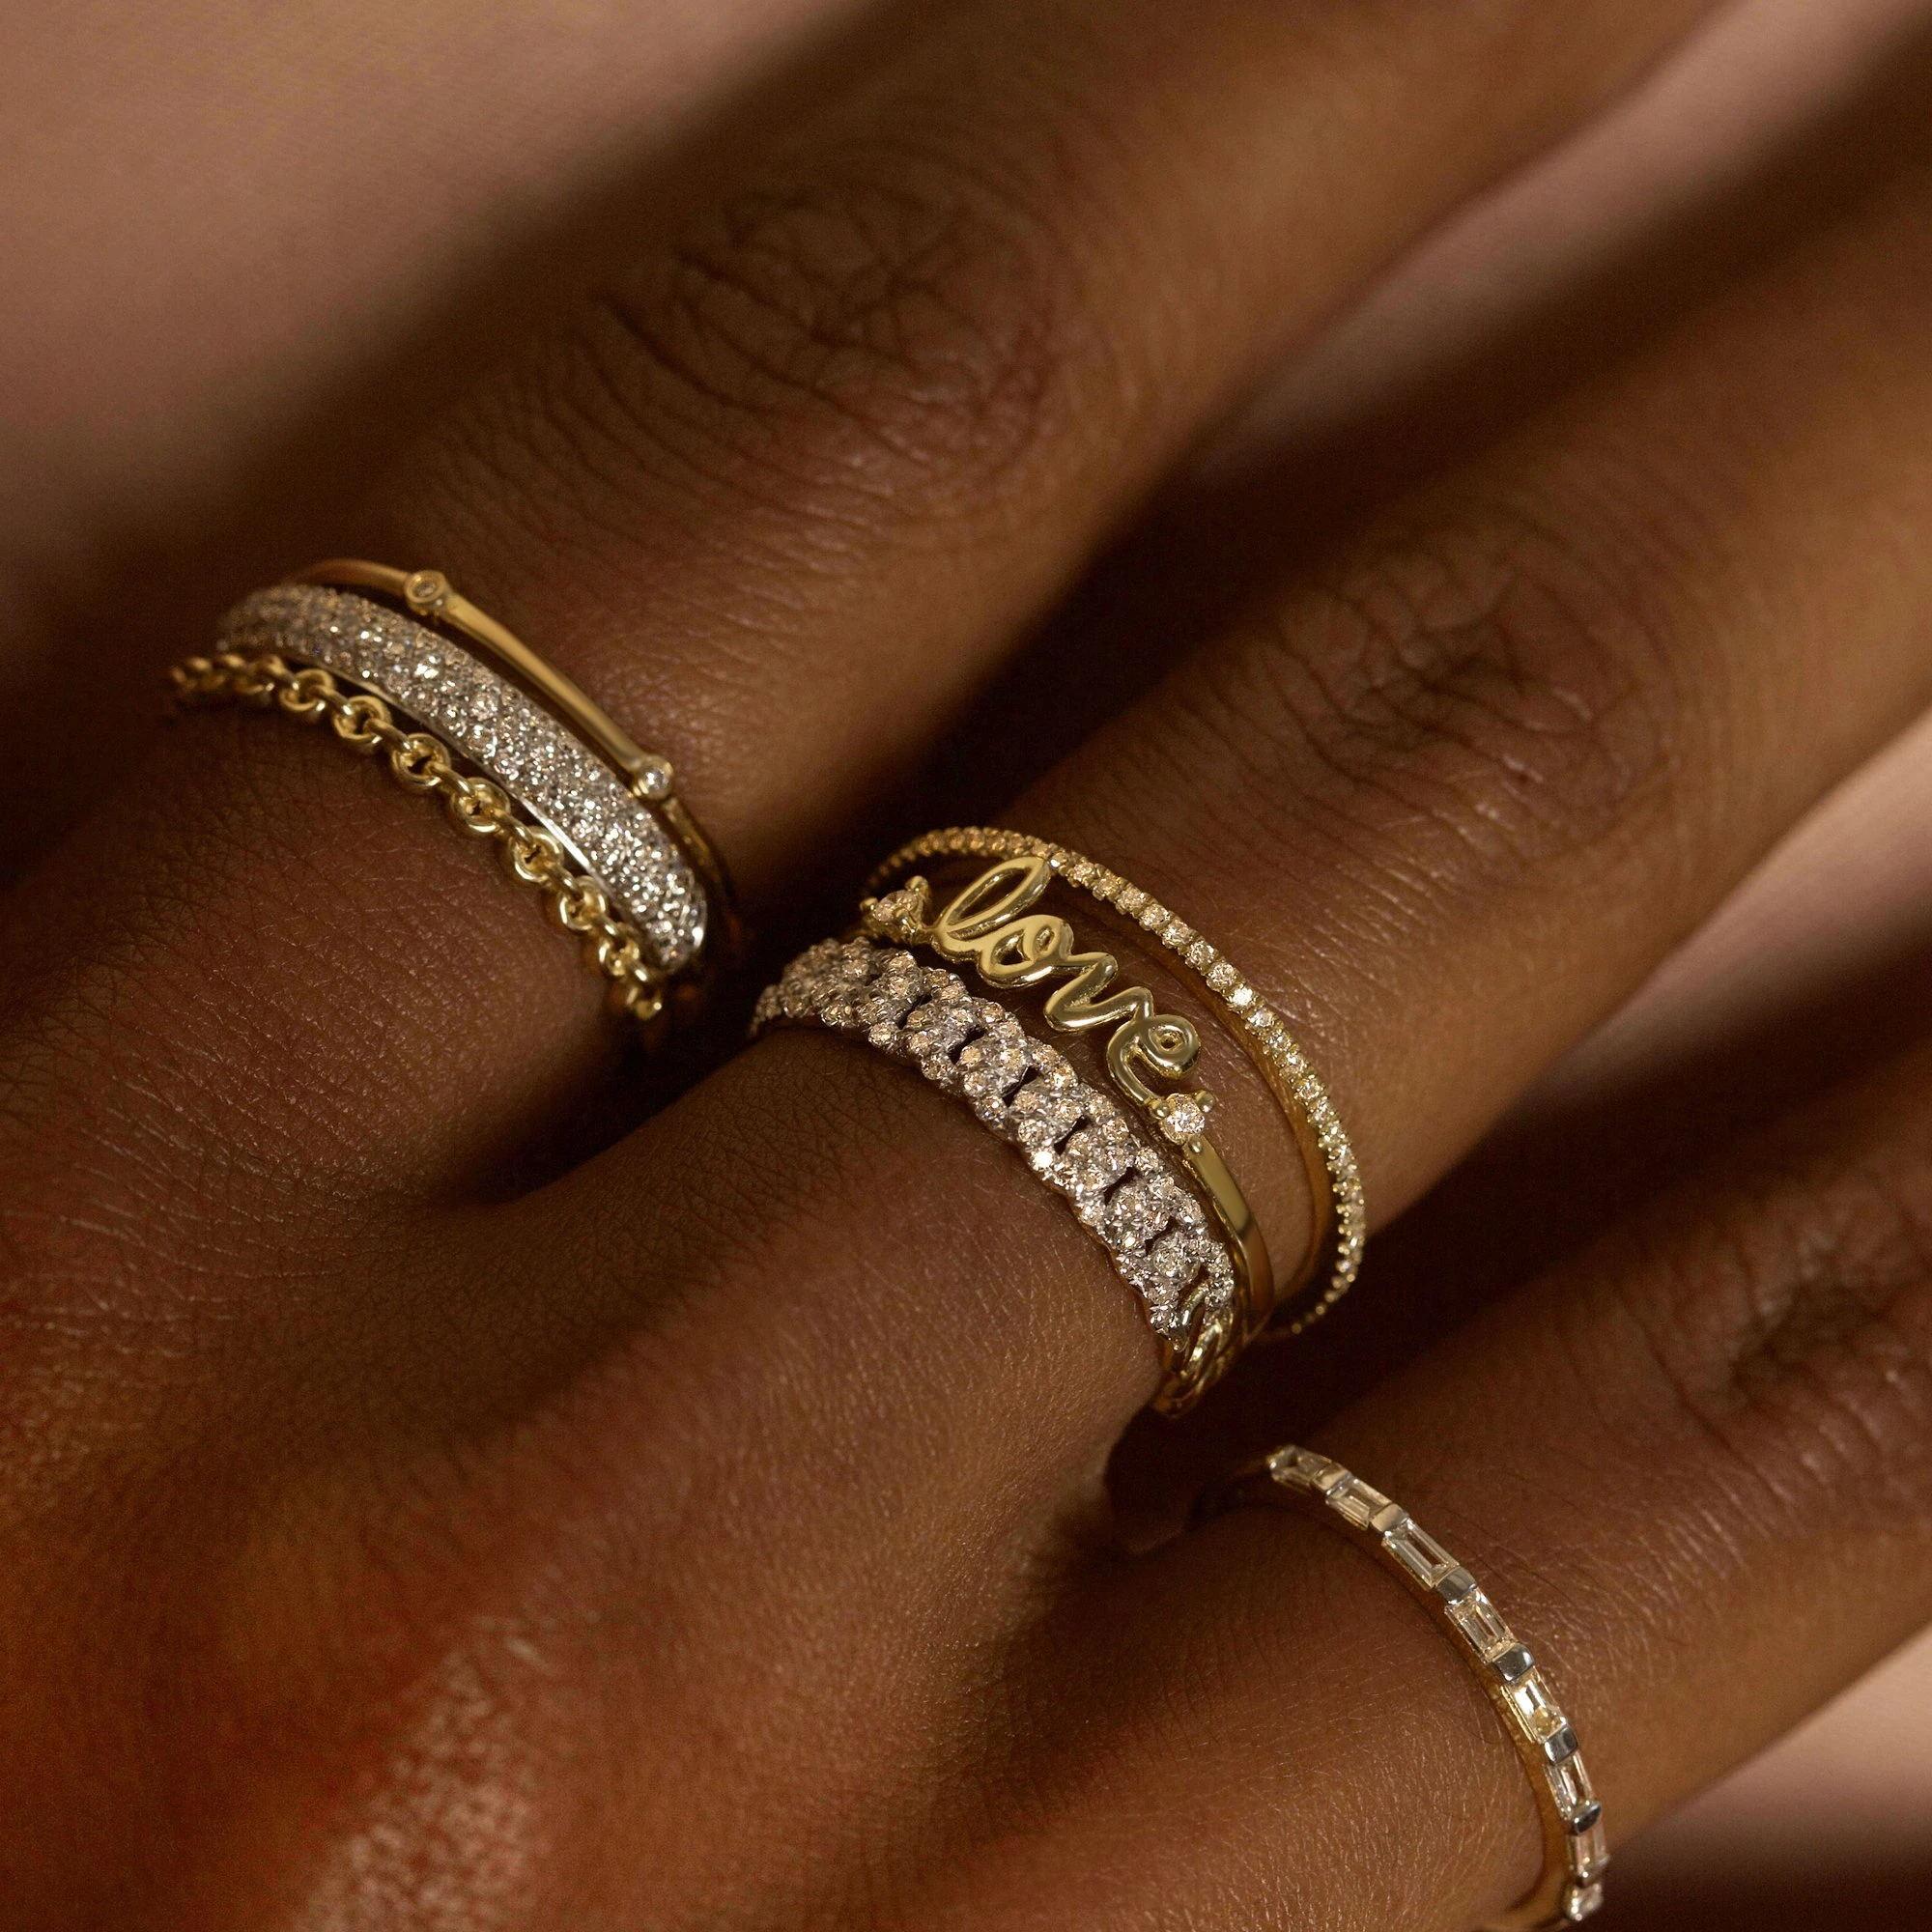 2021 ко Дню Святого Валентина, подарок для любимой, гипоаллергенно хлопковые носочки с буквенным принтом «Love», с искрение CZ Минимальный 925 пробы серебро позолоченное серебро кольцо